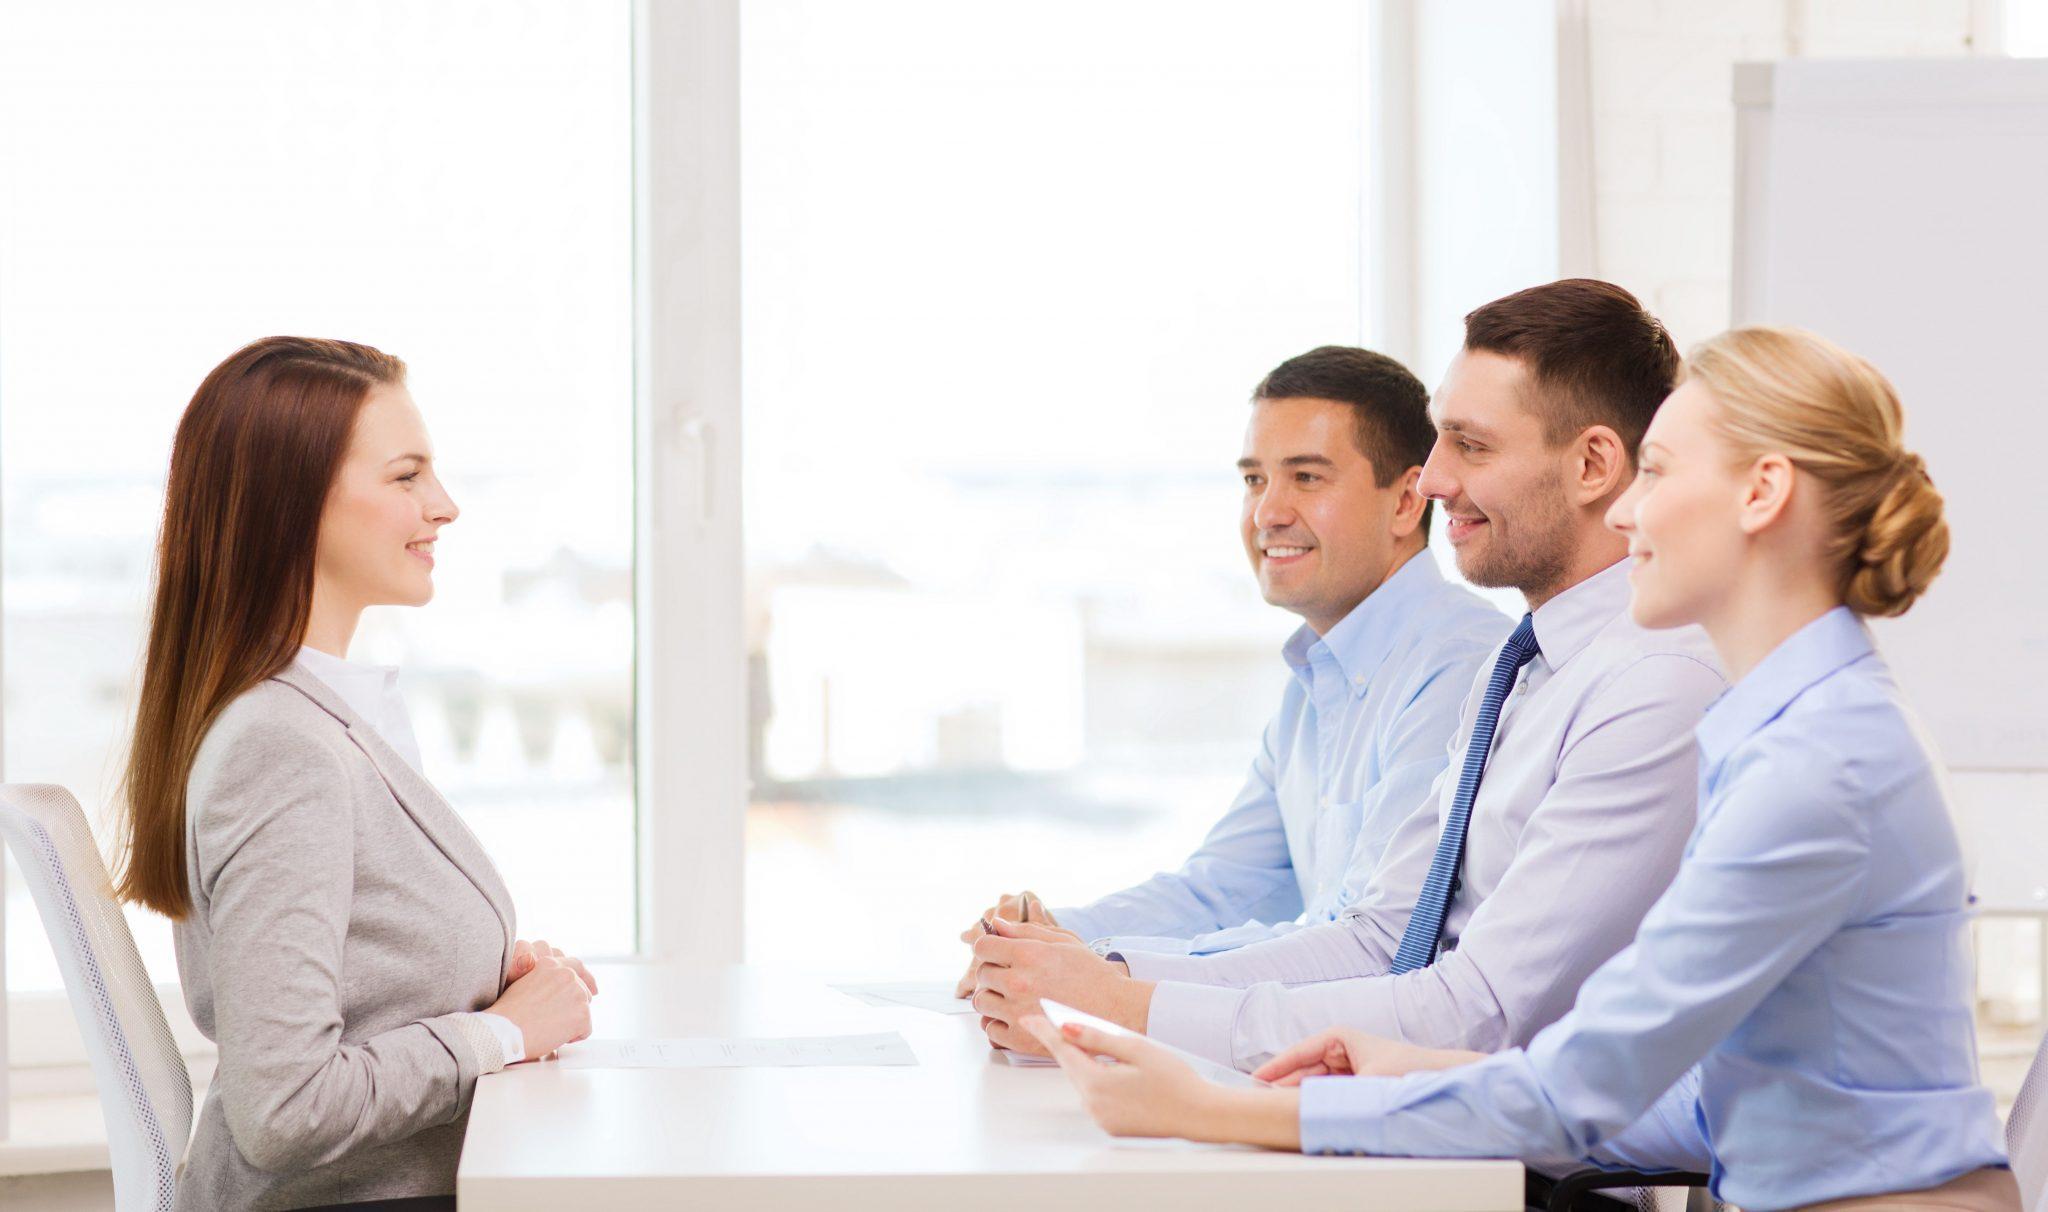 Điểm danh 5 điều không nên nói với nhà tuyển dụng: Điều cuối cùng ai cũng mắc phải!